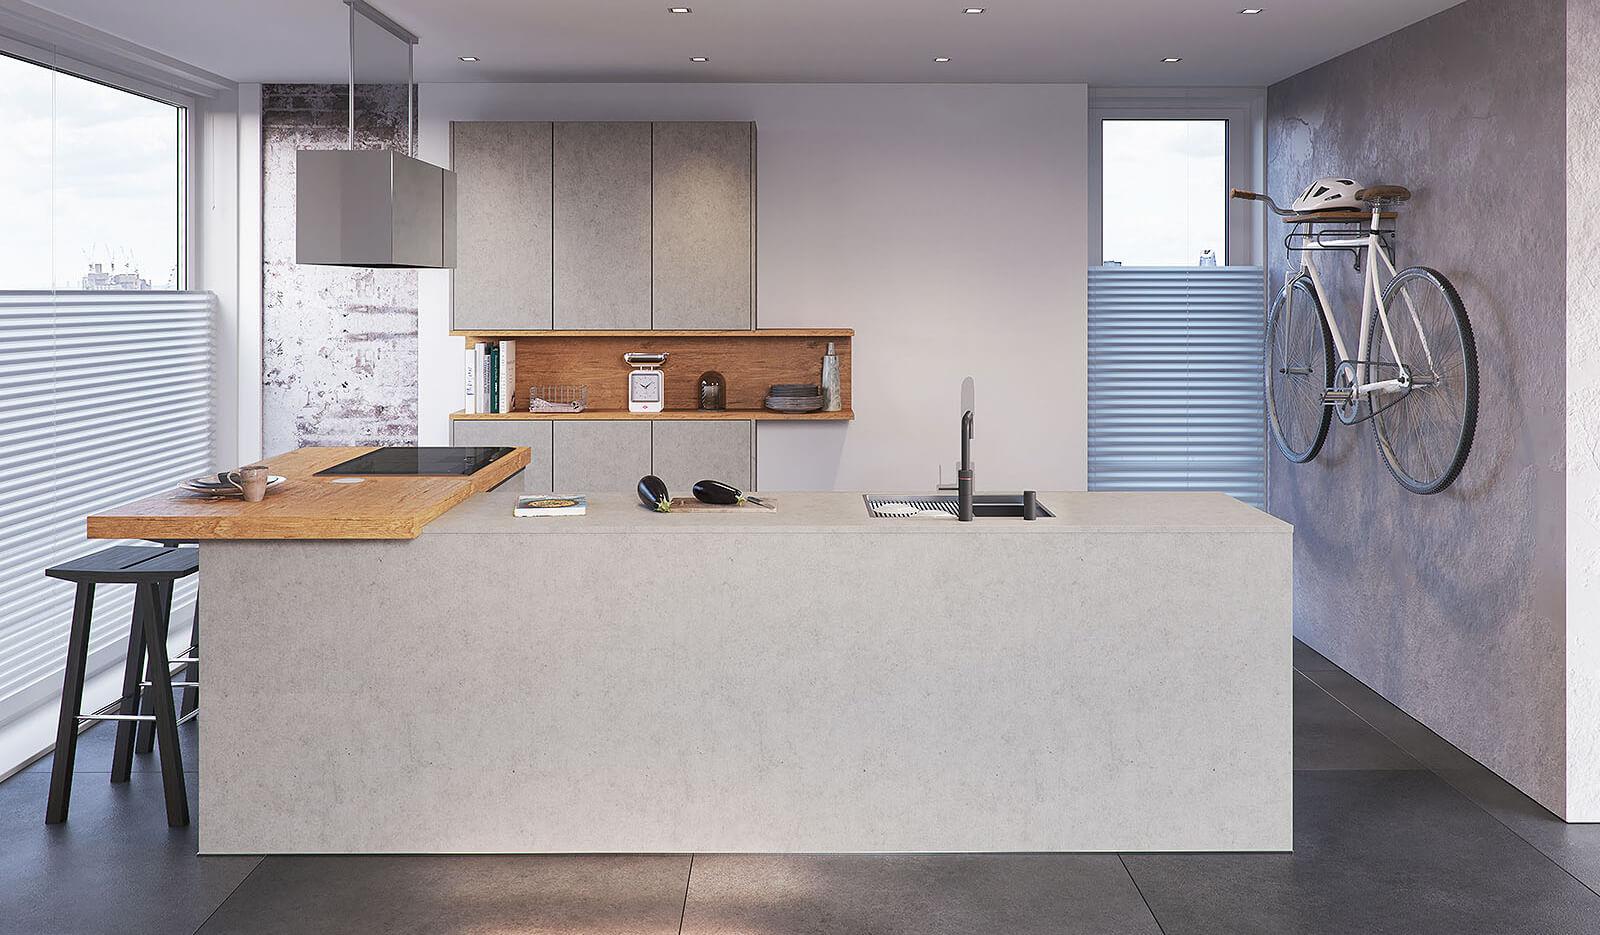 Keuken Atlas betongrijs & oud eiken natuur - schiereiland